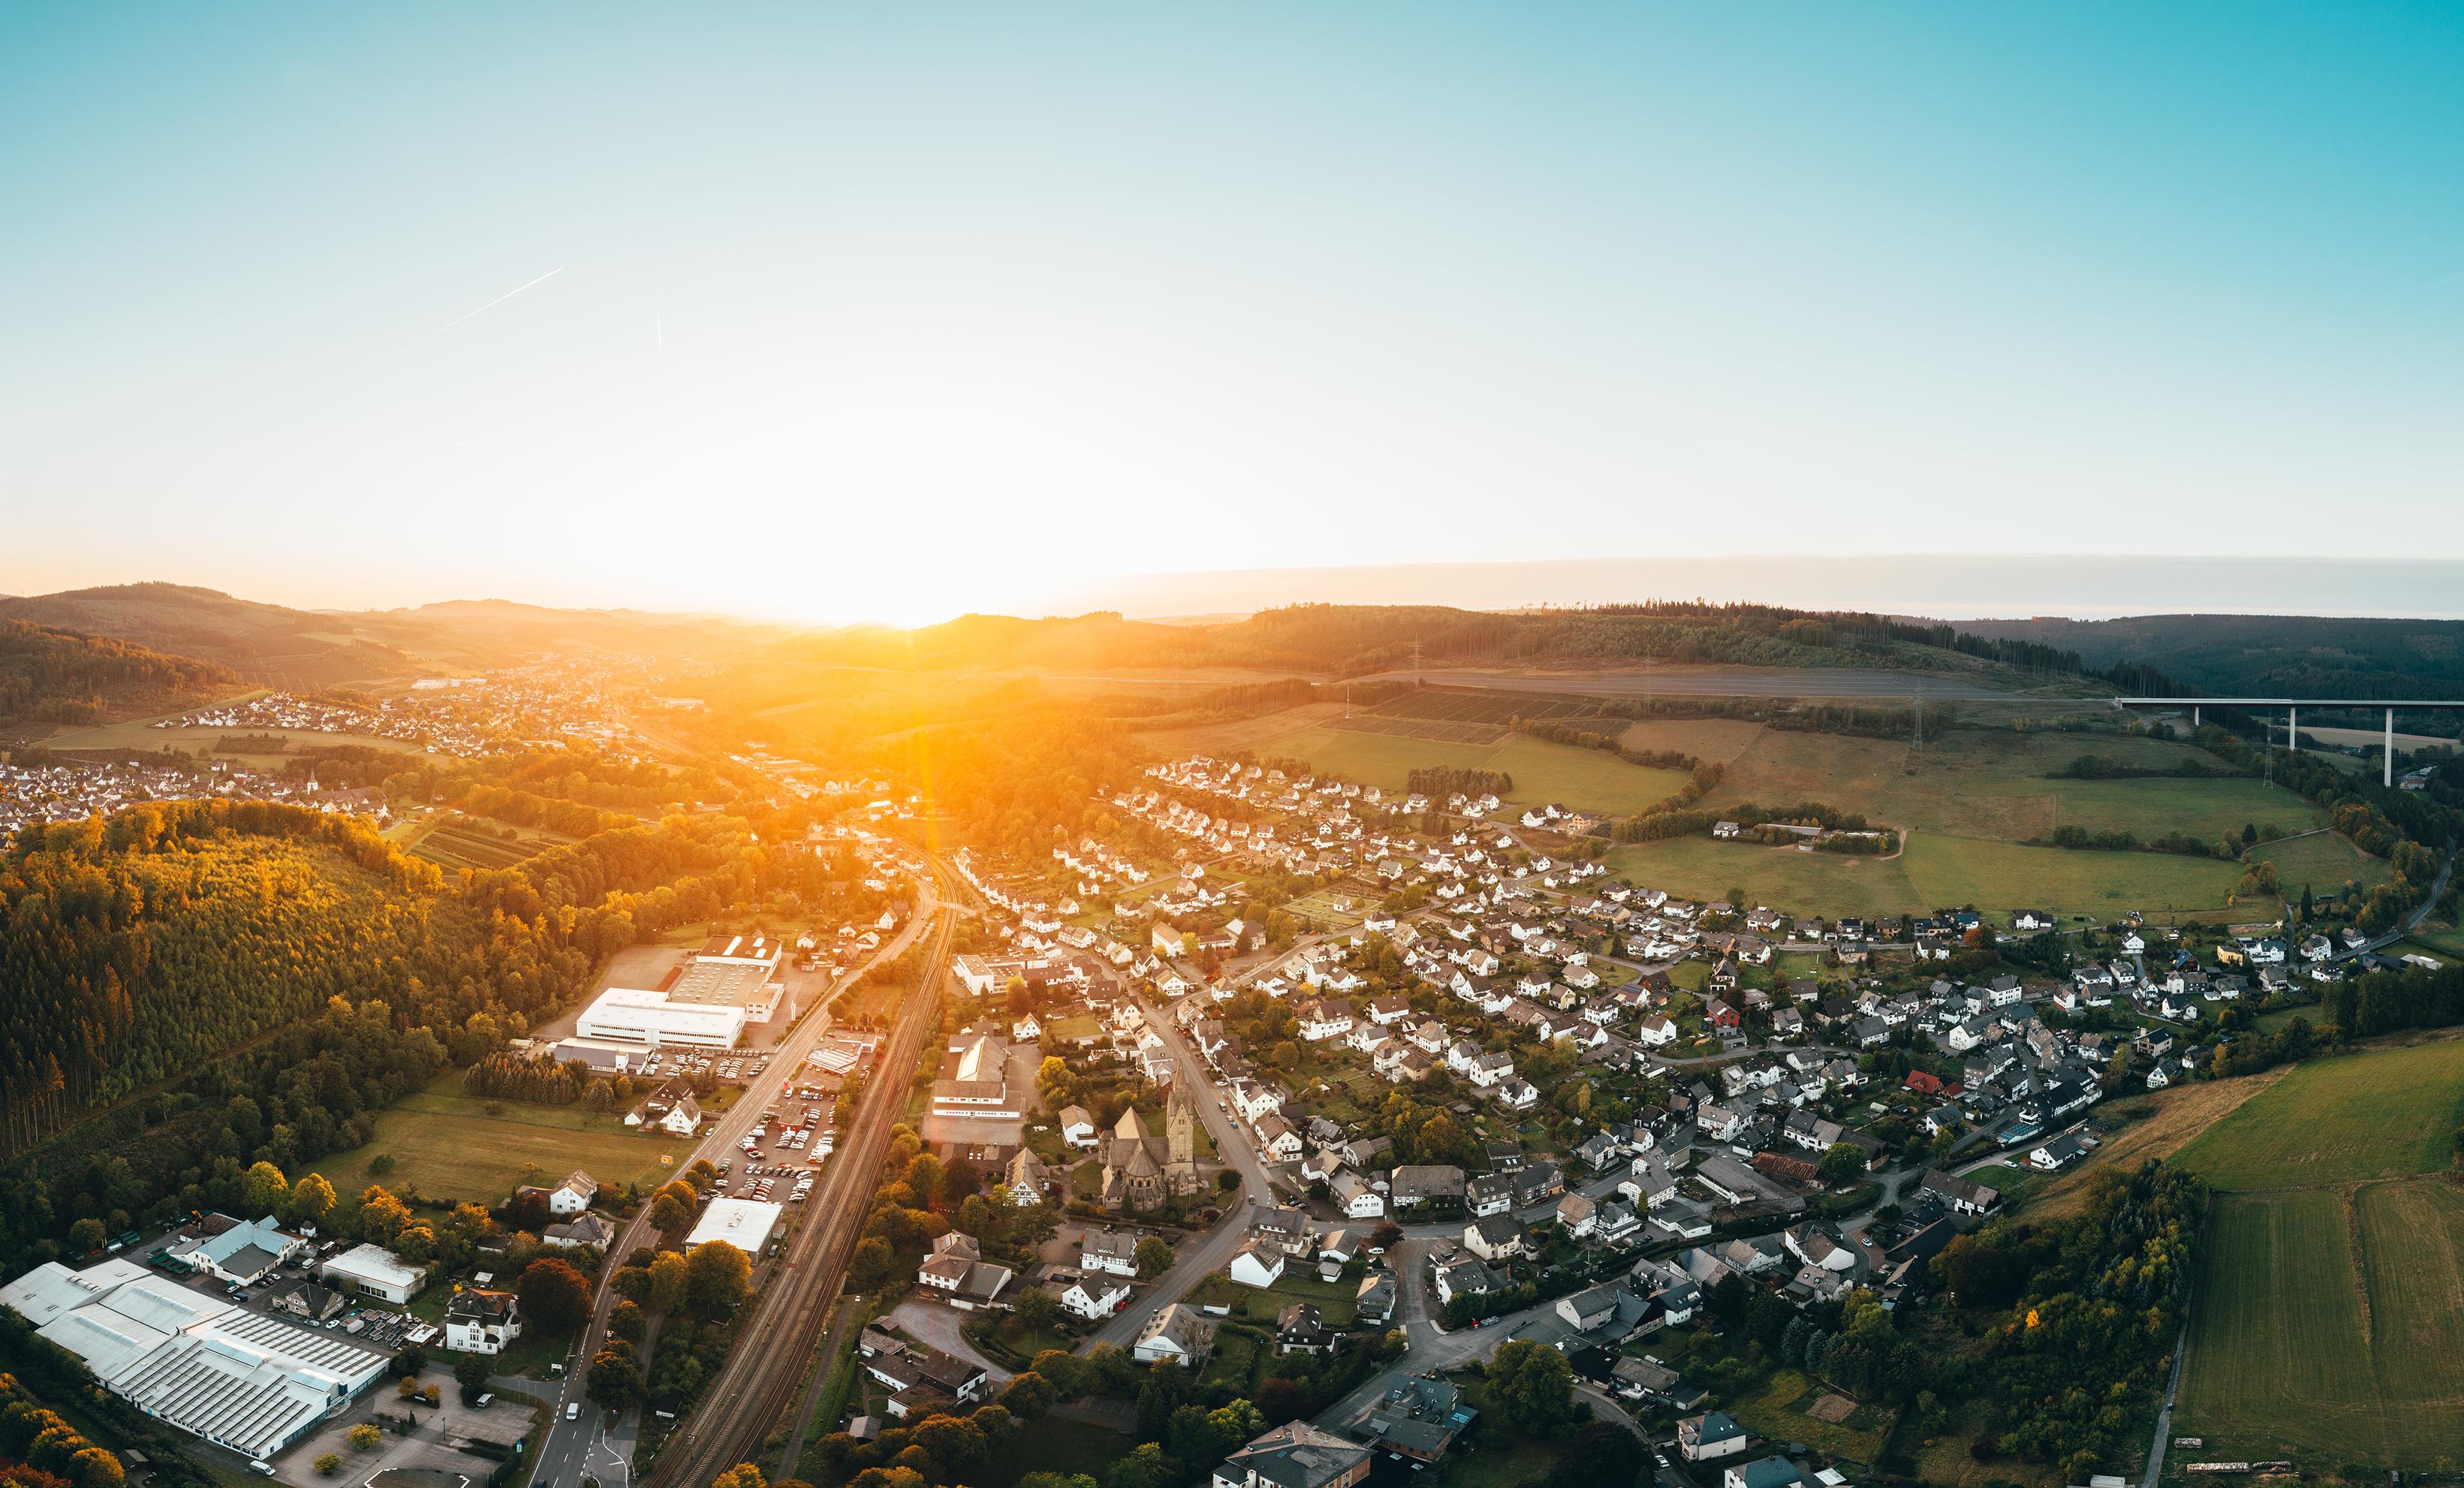 Dominik Hartmann Nuttlar Sonnenuntergang 2019